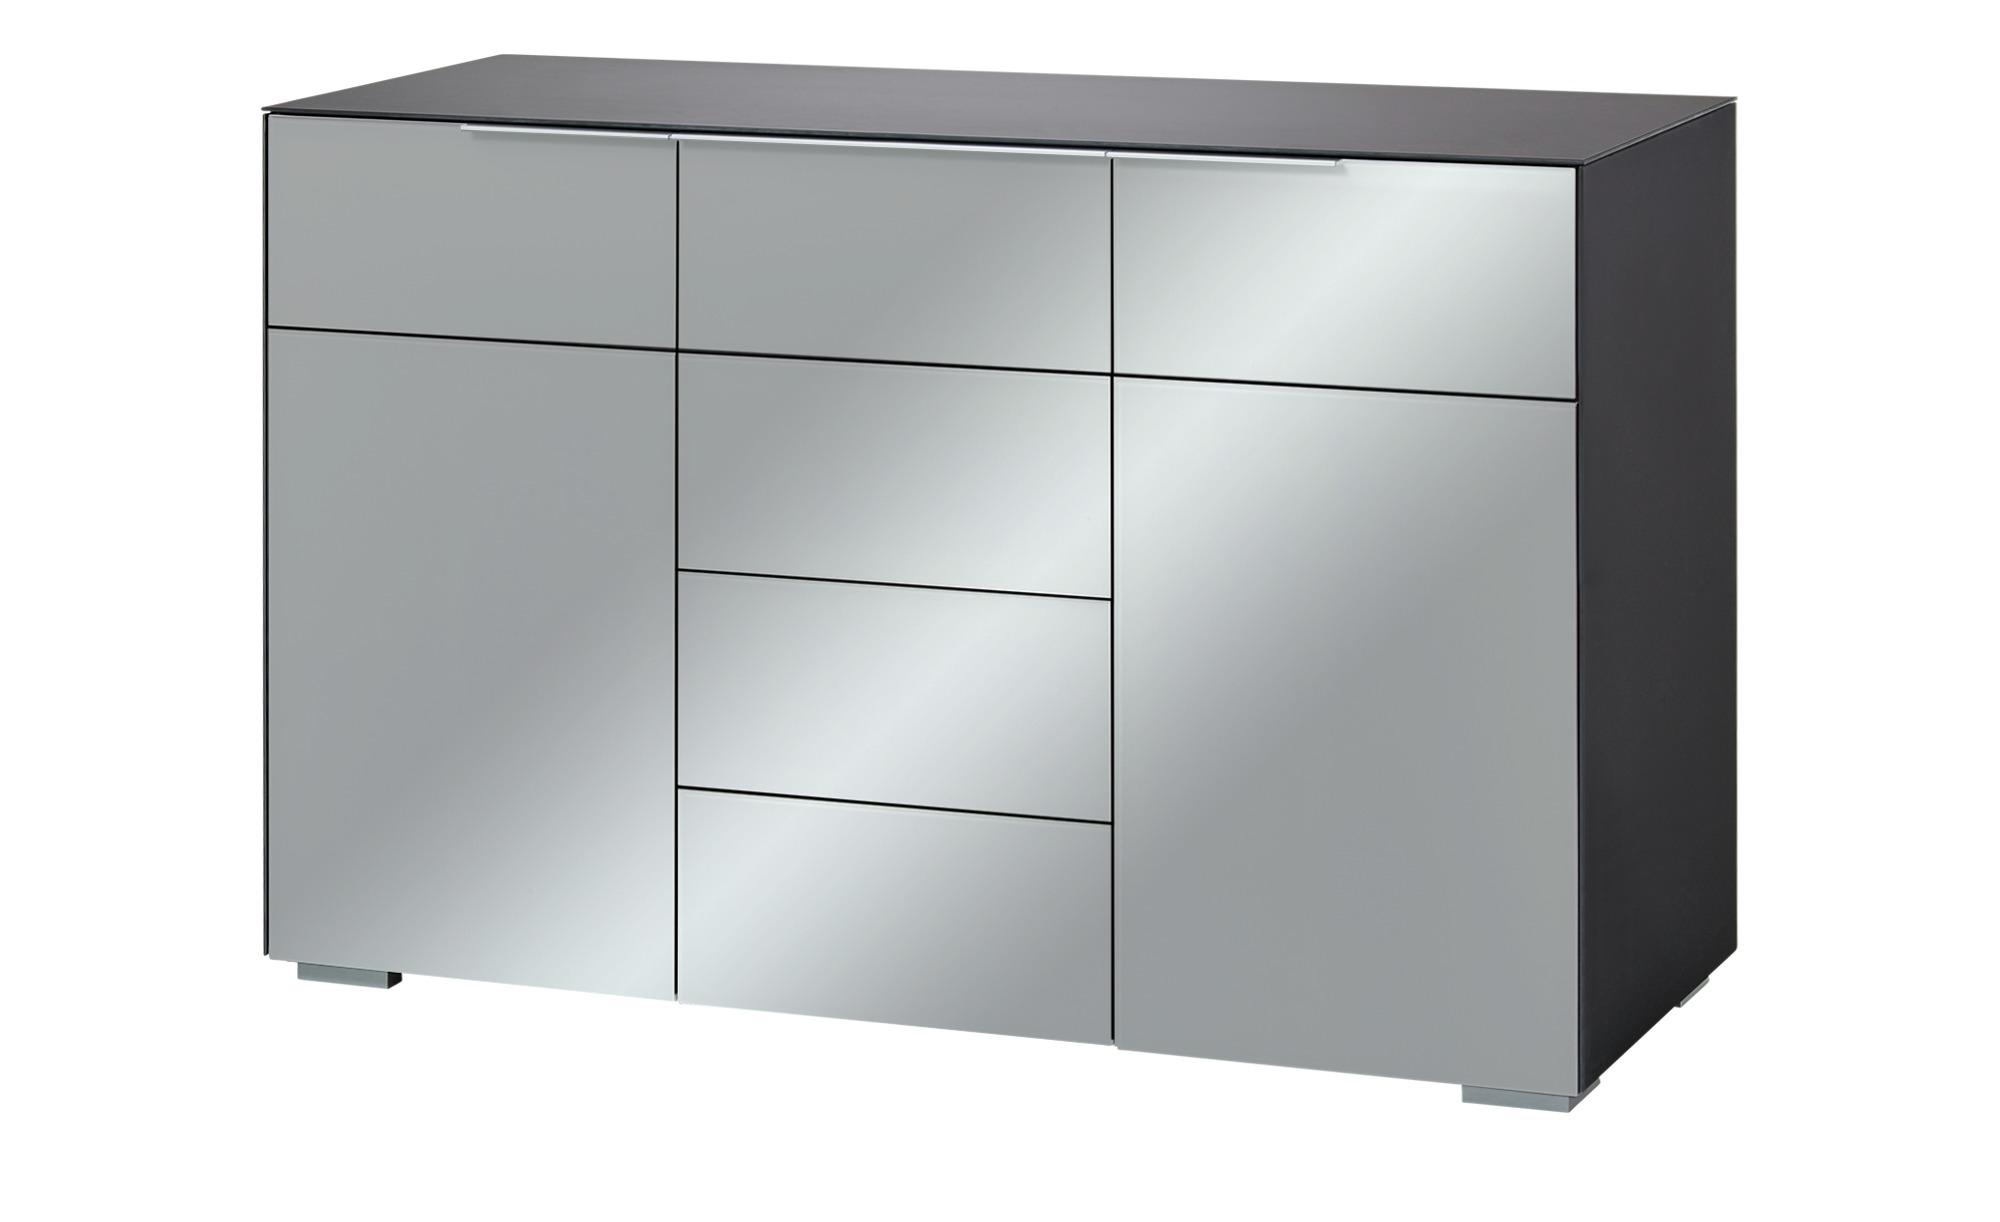 kommode mailand breite 120 cm h he 80 cm grau online kaufen bei woonio. Black Bedroom Furniture Sets. Home Design Ideas